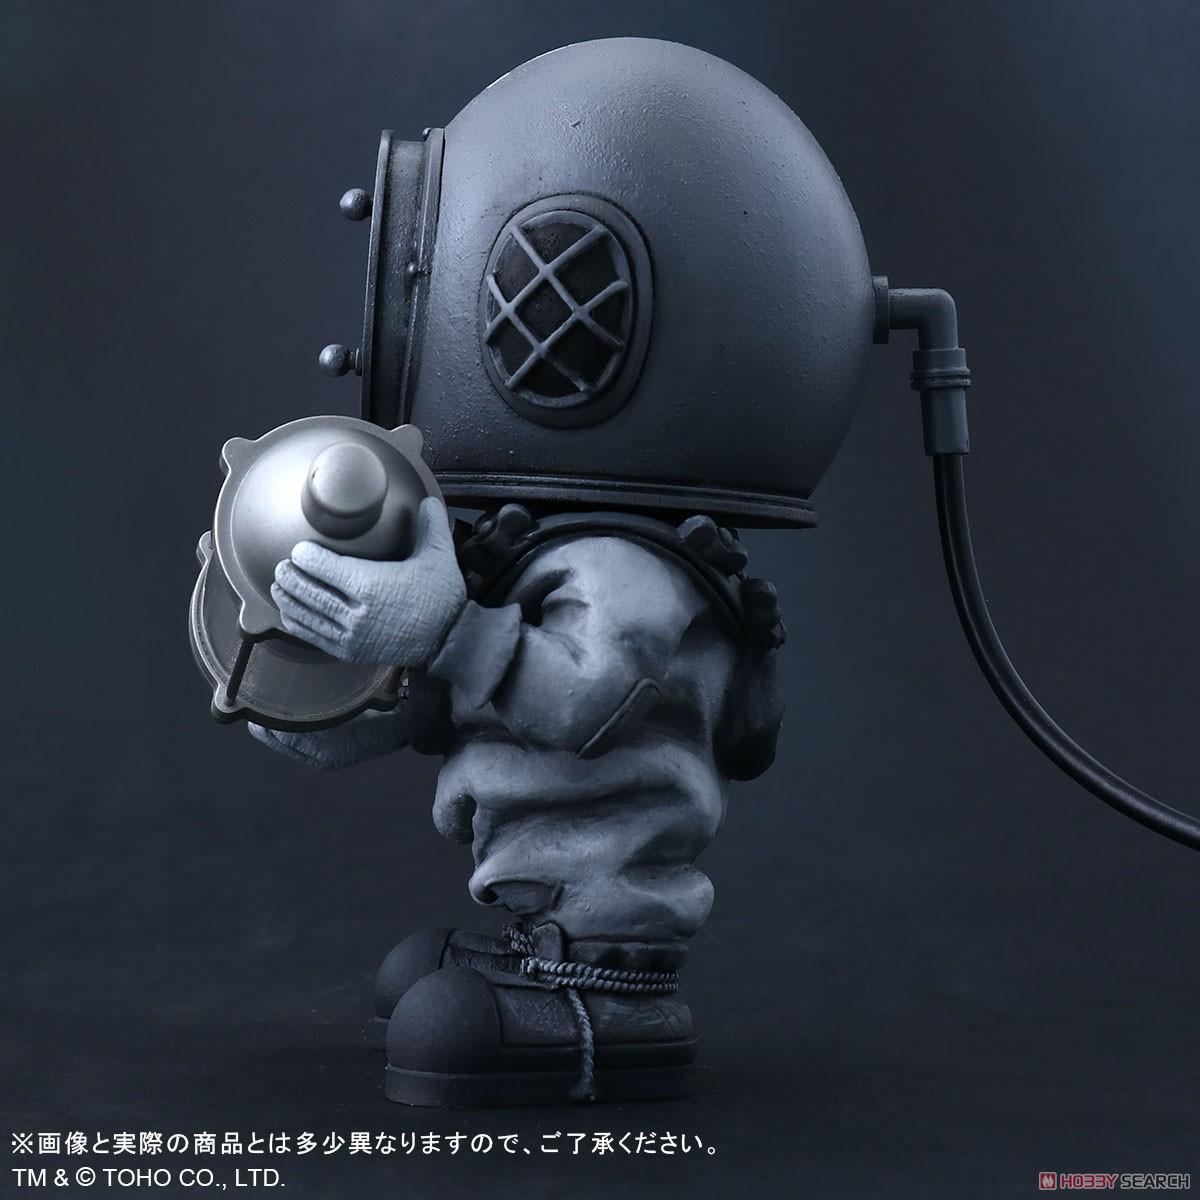 デフォリアル『芹沢博士 モノクロVer.』ゴジラ デフォルメ完成品フィギュア-004